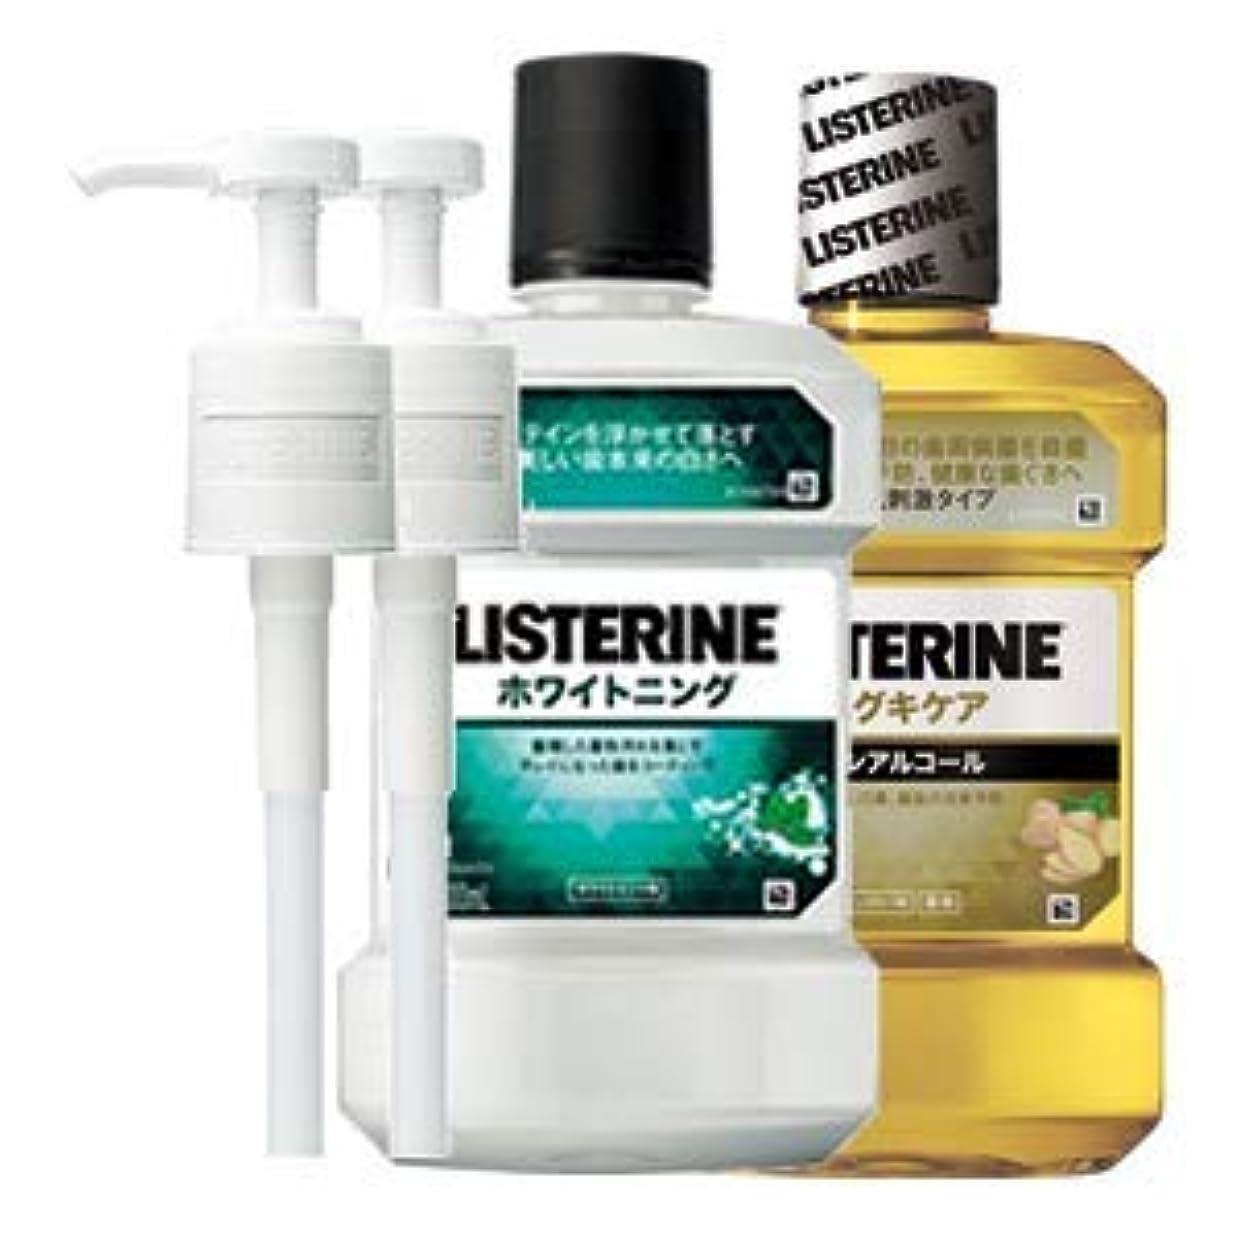 したい酸度中毒薬用 リステリン ホワイトニング ハグキケア 1000mL 2点セット (ポンプ付)